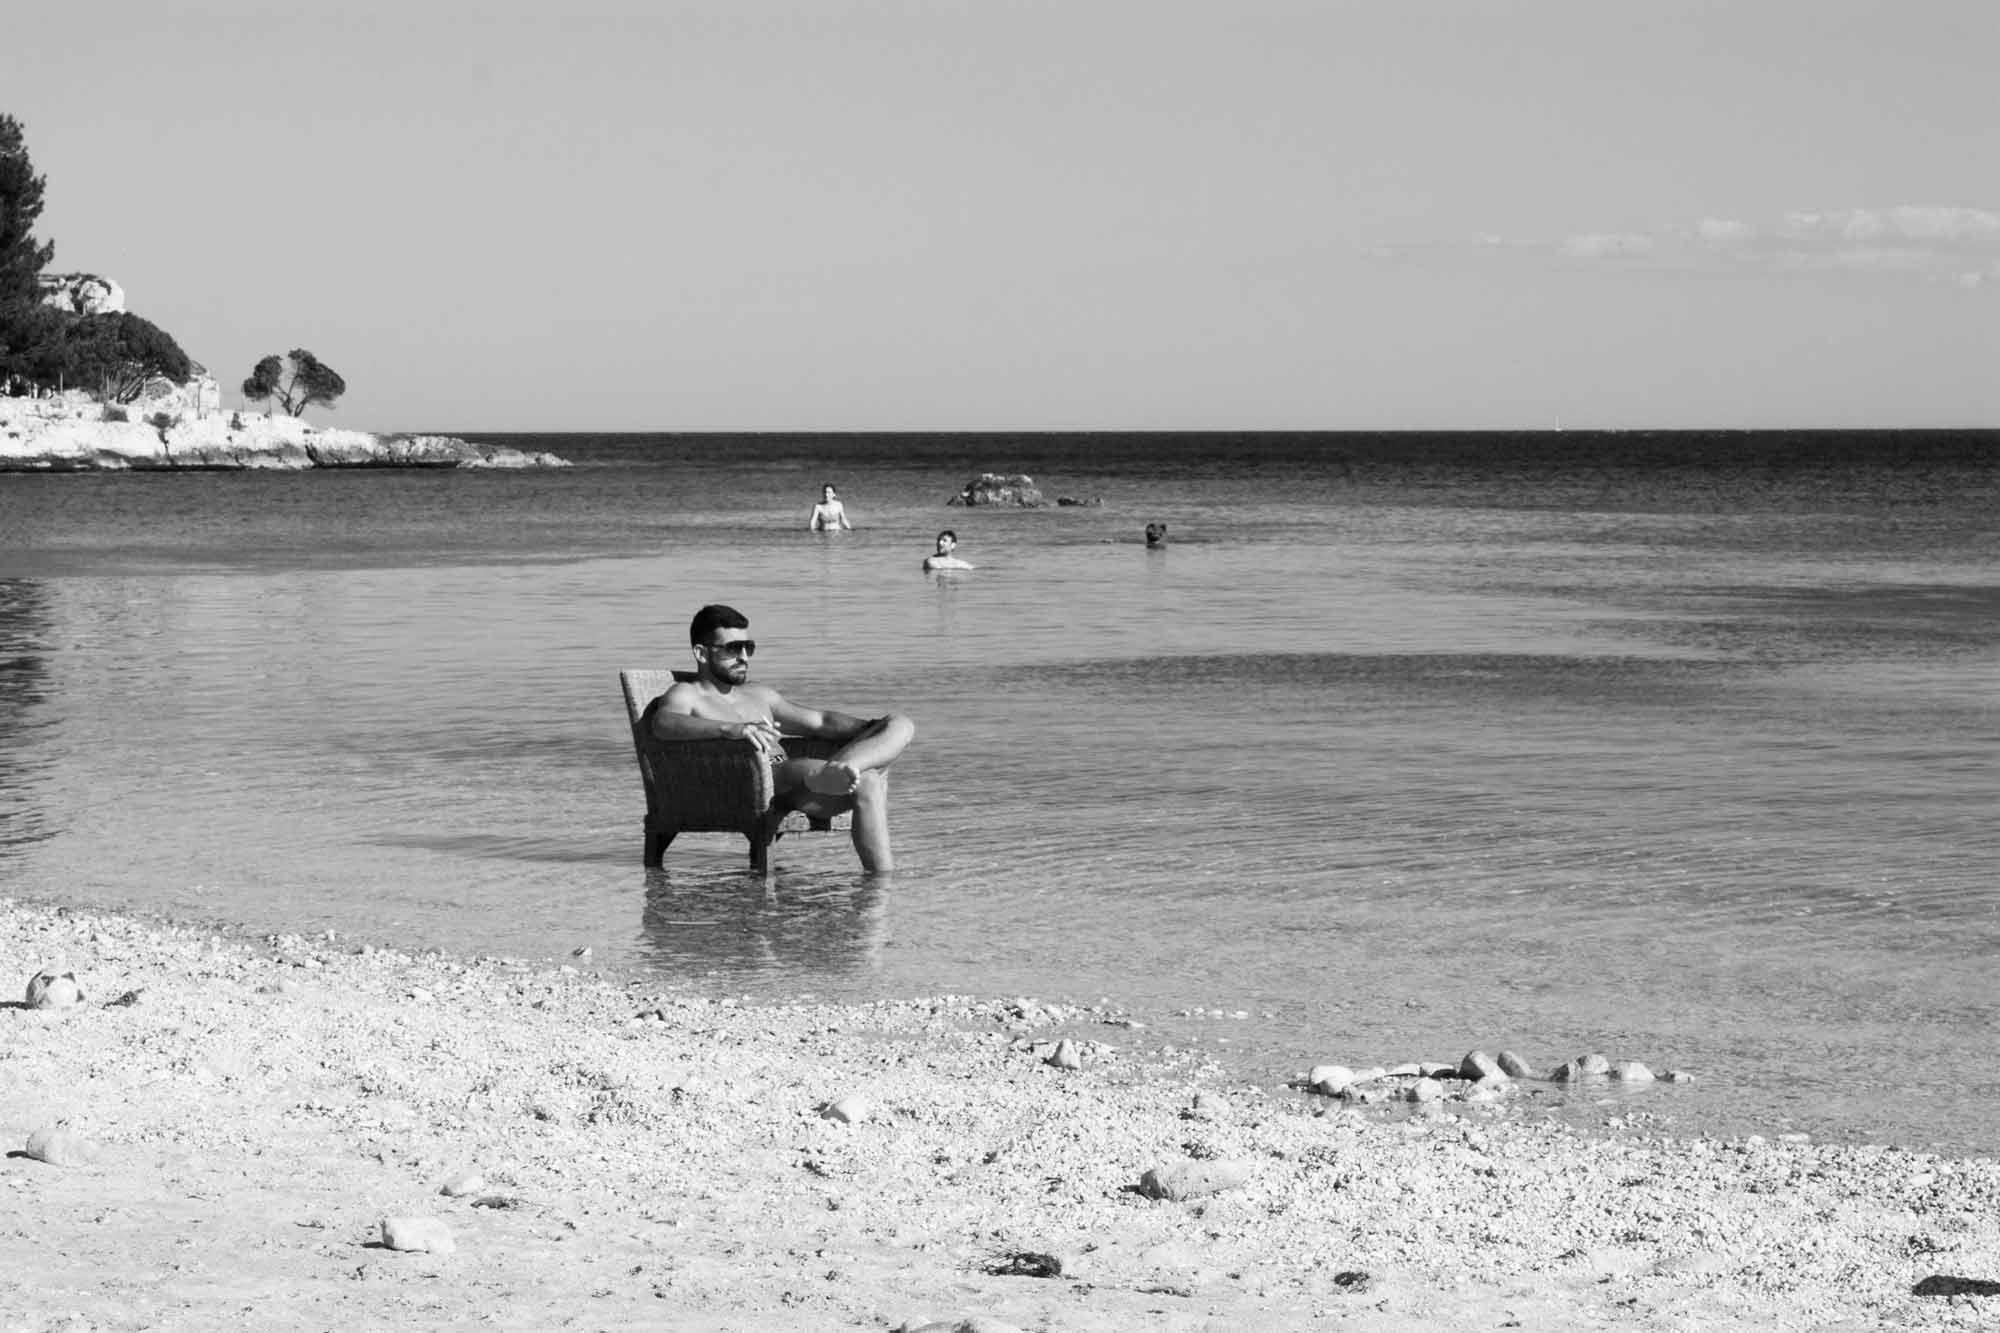 Italiener mit Sonnenbrille im Wasser am Strand von Sardinien